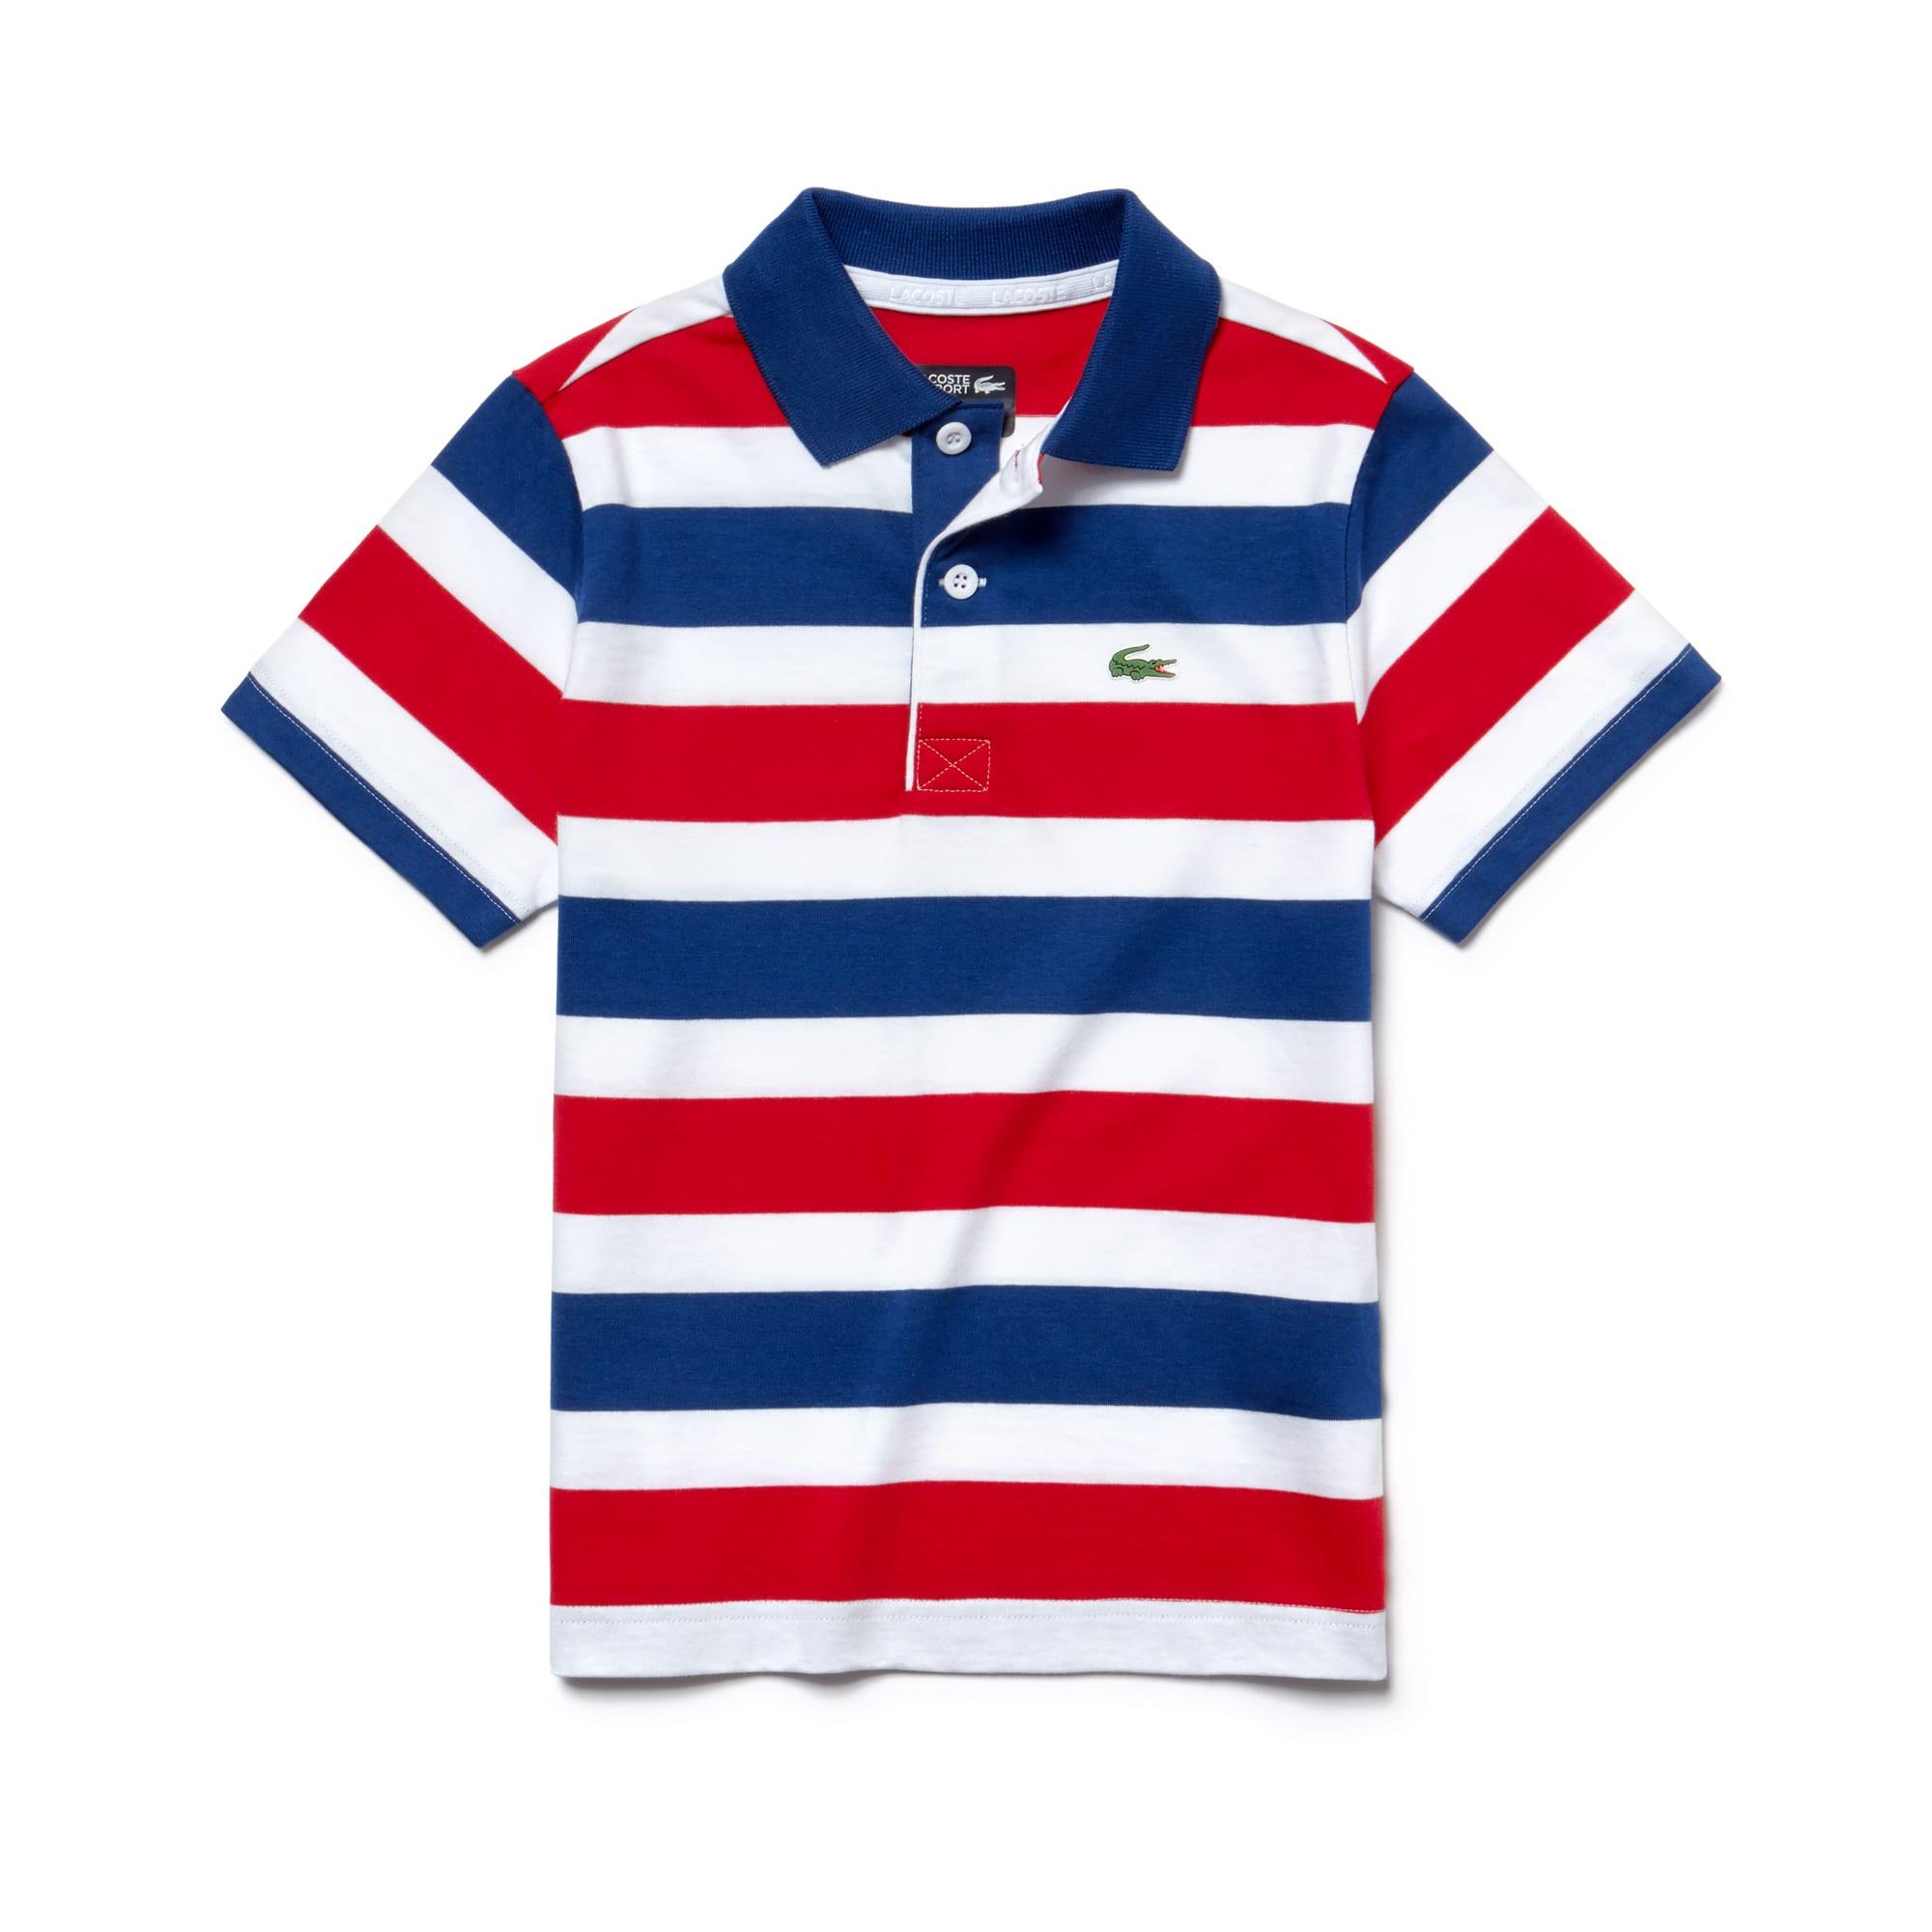 Jungen LACOSTE SPORT gestreiftes Tennis Poloshirt